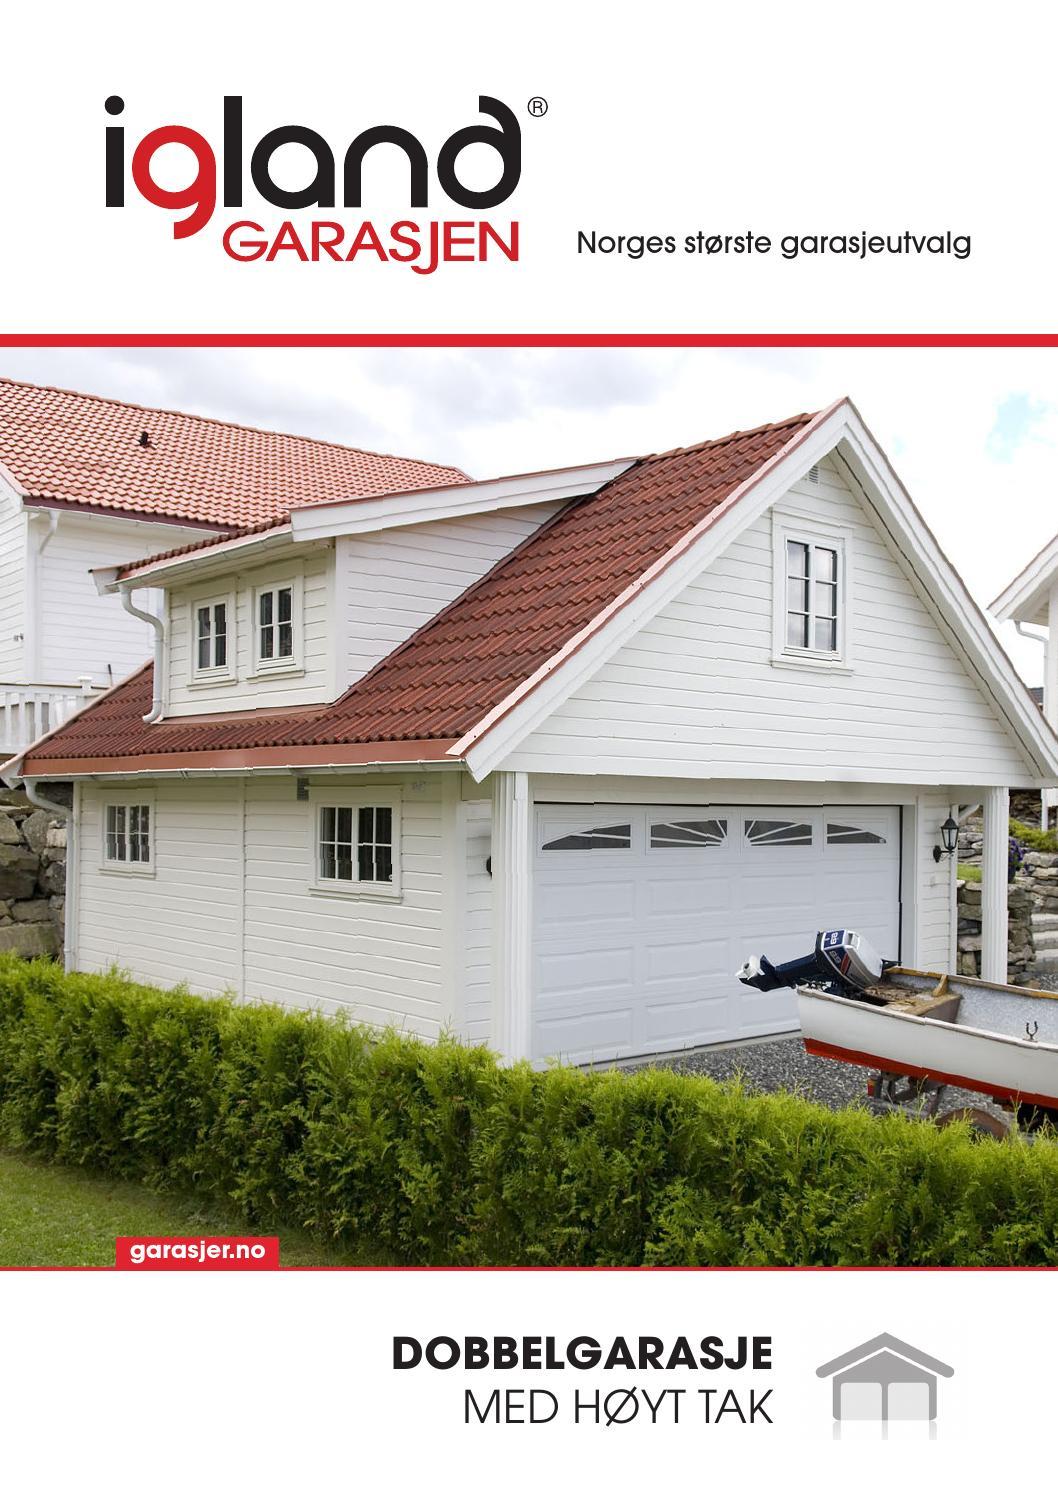 Dobbelgarasje med loft by Igland Garasjen - issuu